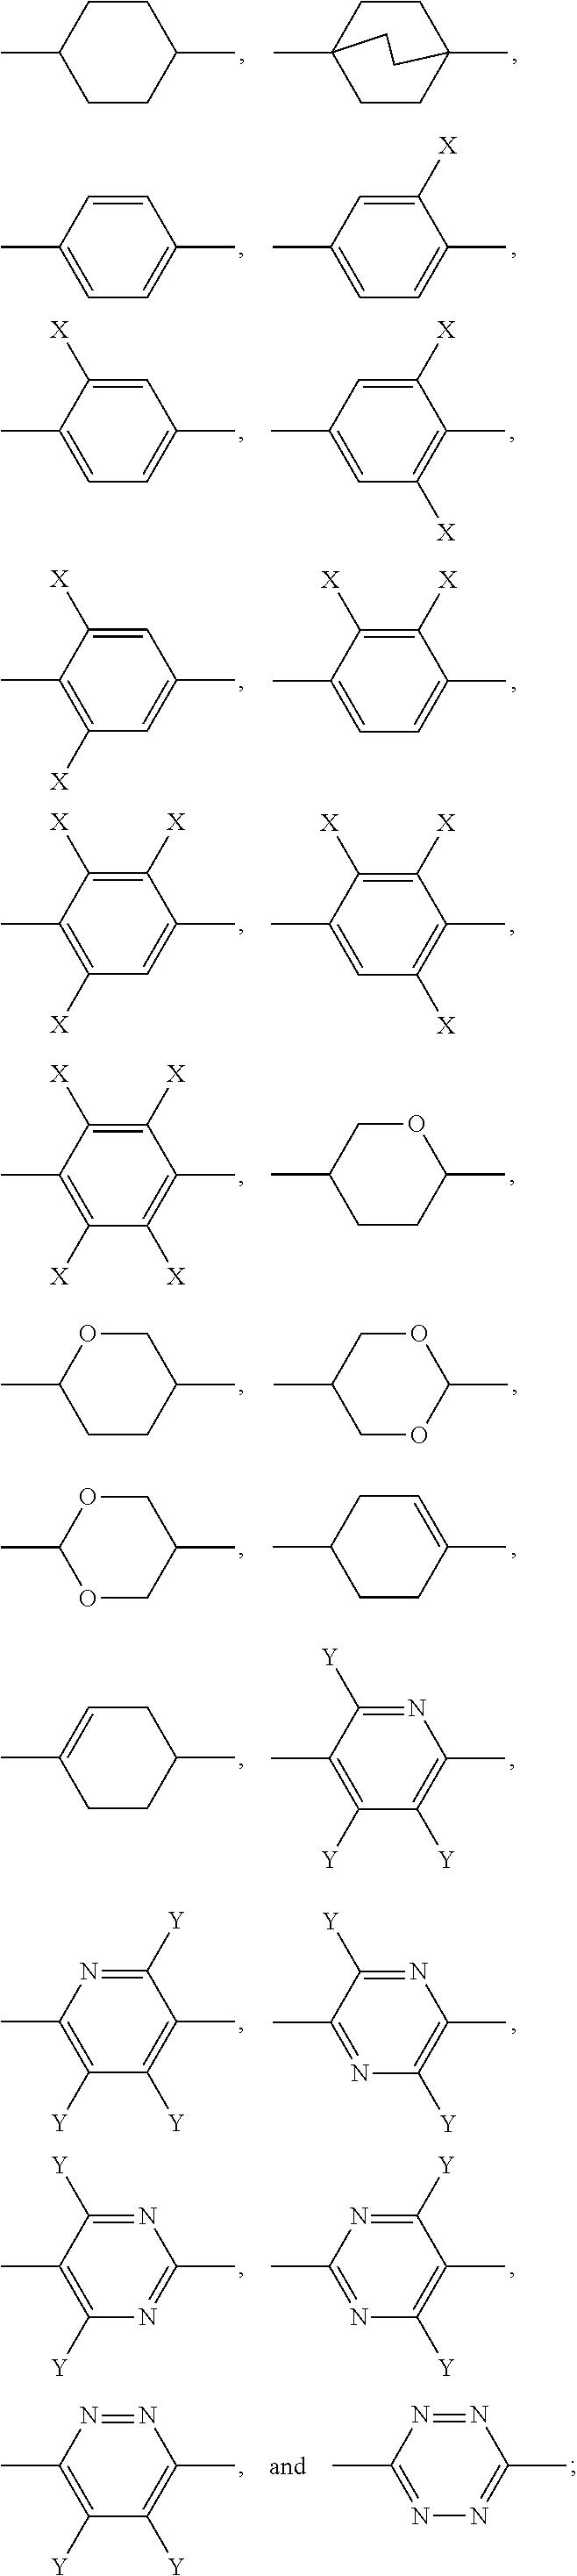 Figure US20130208227A1-20130815-C00007